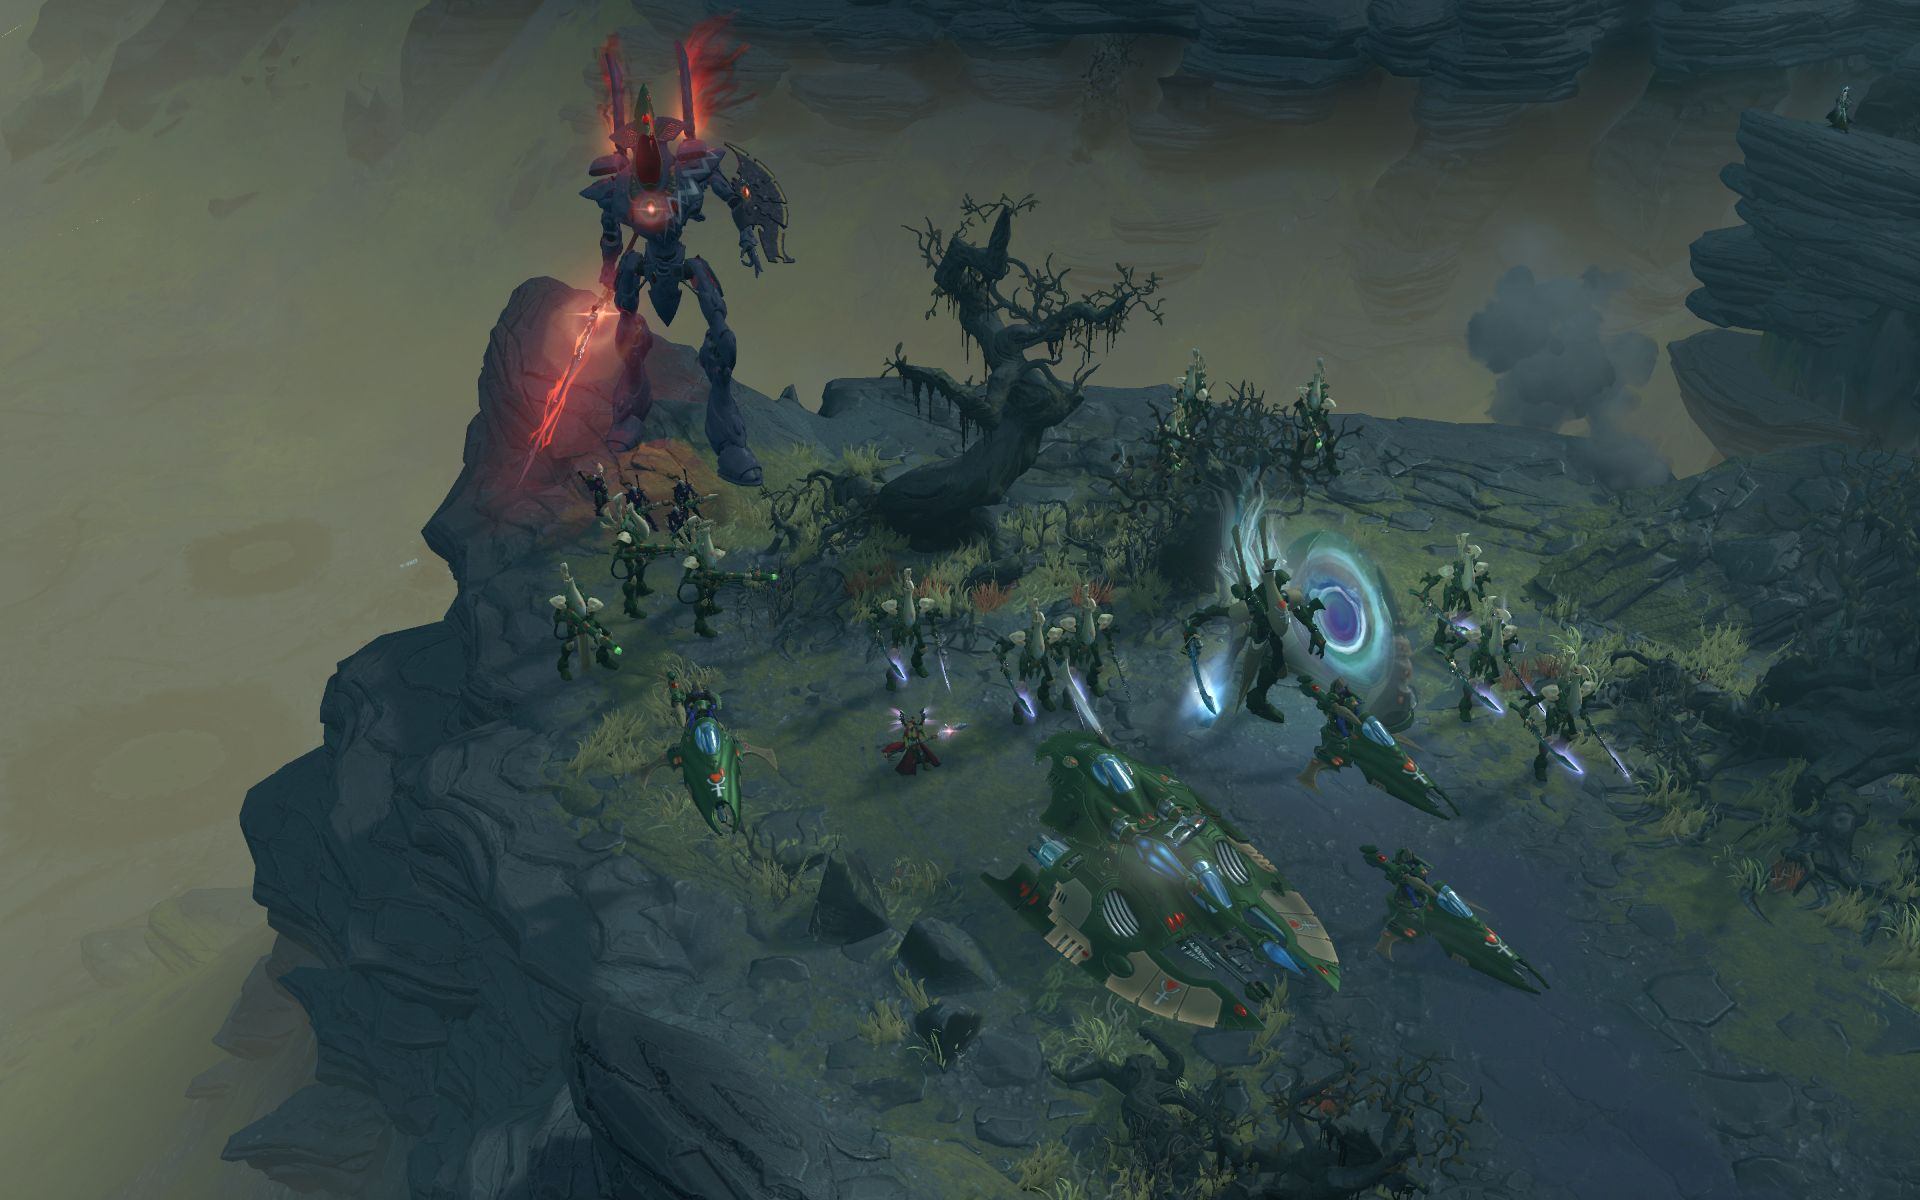 Podrobnosti o frakci Eldar z Warhammer 40,000: Dawn of War 3 131248